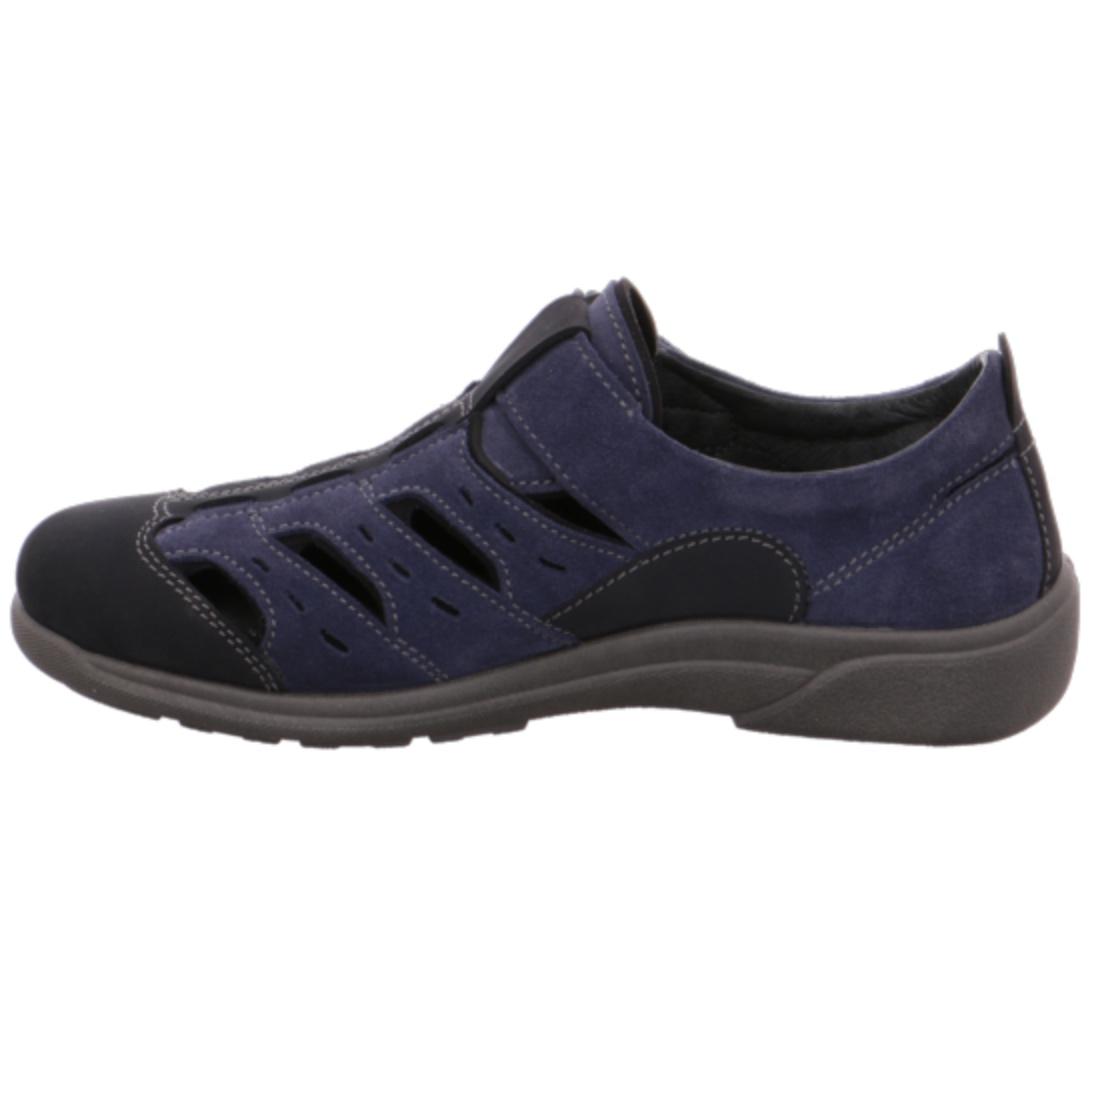 Rohde Rostock Comfort Sandale Slipper Schuhe 1235 Ocean